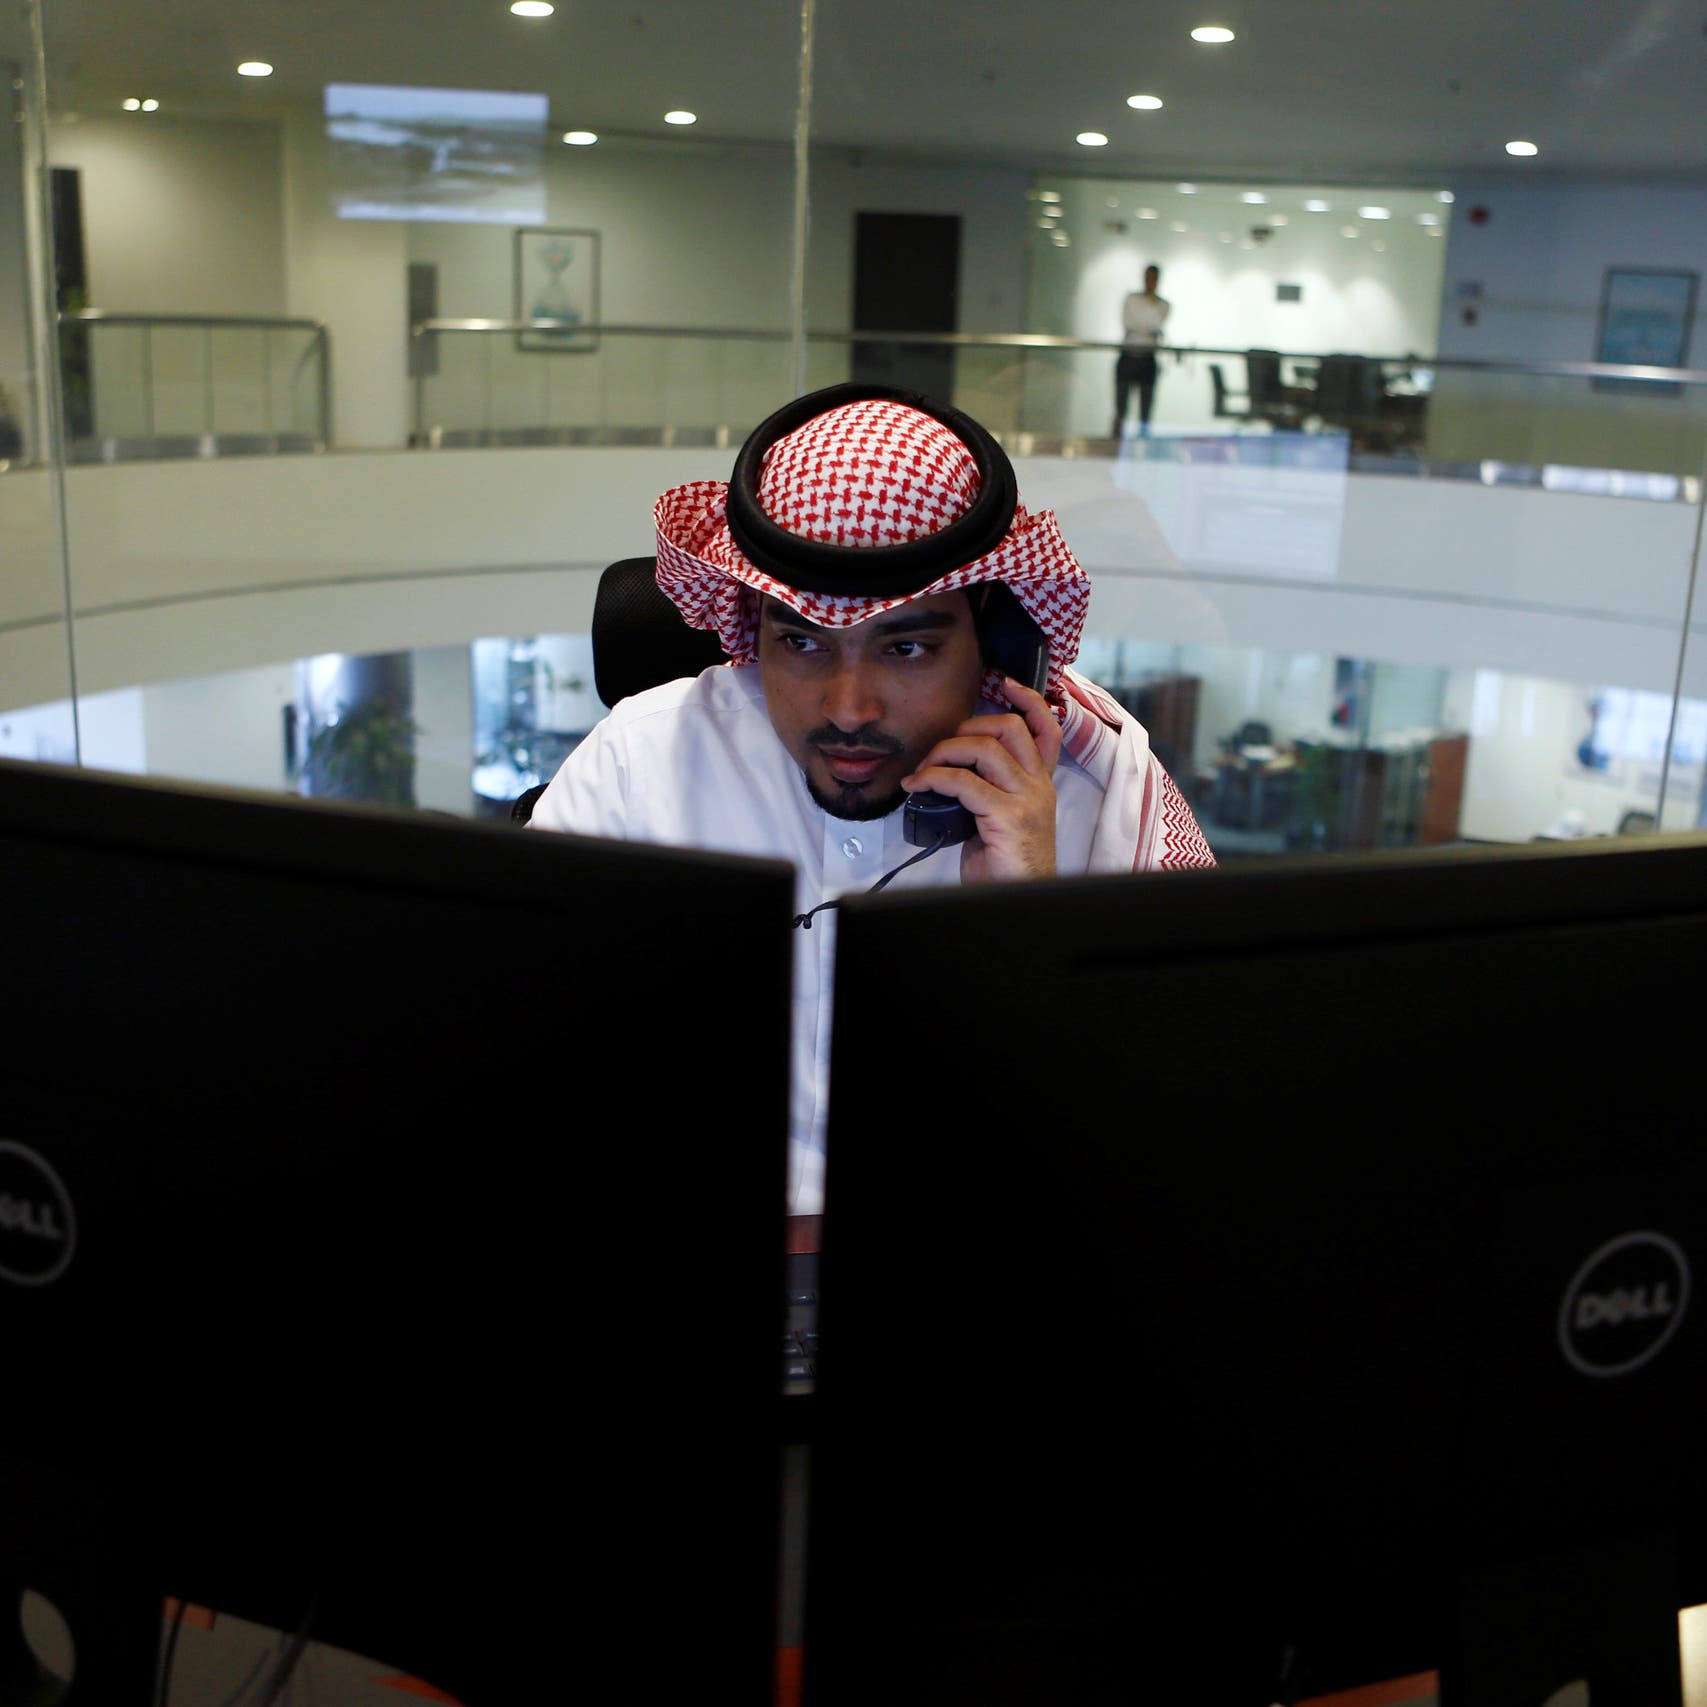 أرباح الشركات المدرجة في سوق السعودية تقفز 425% في الربع الثاني